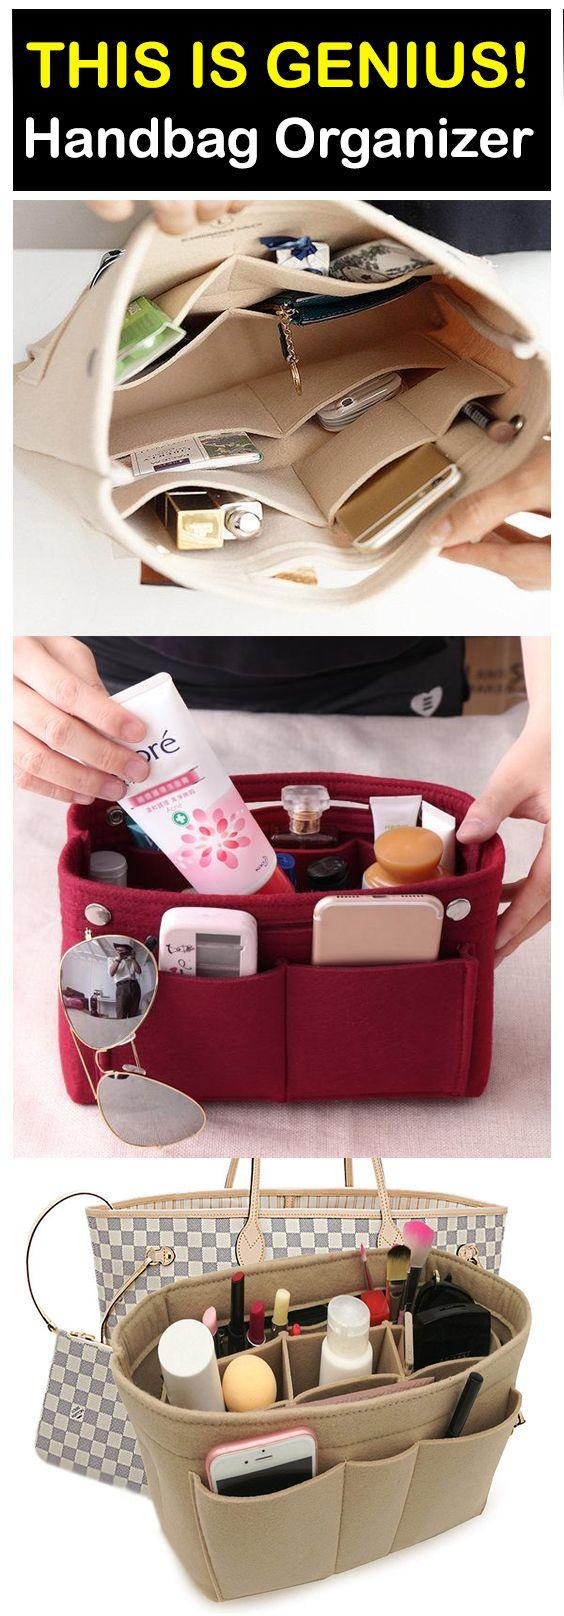 Multi-Pocket Handbag Organizer – ⭐⭐⭐⭐⭐ (5/5) – Inspire Uplift